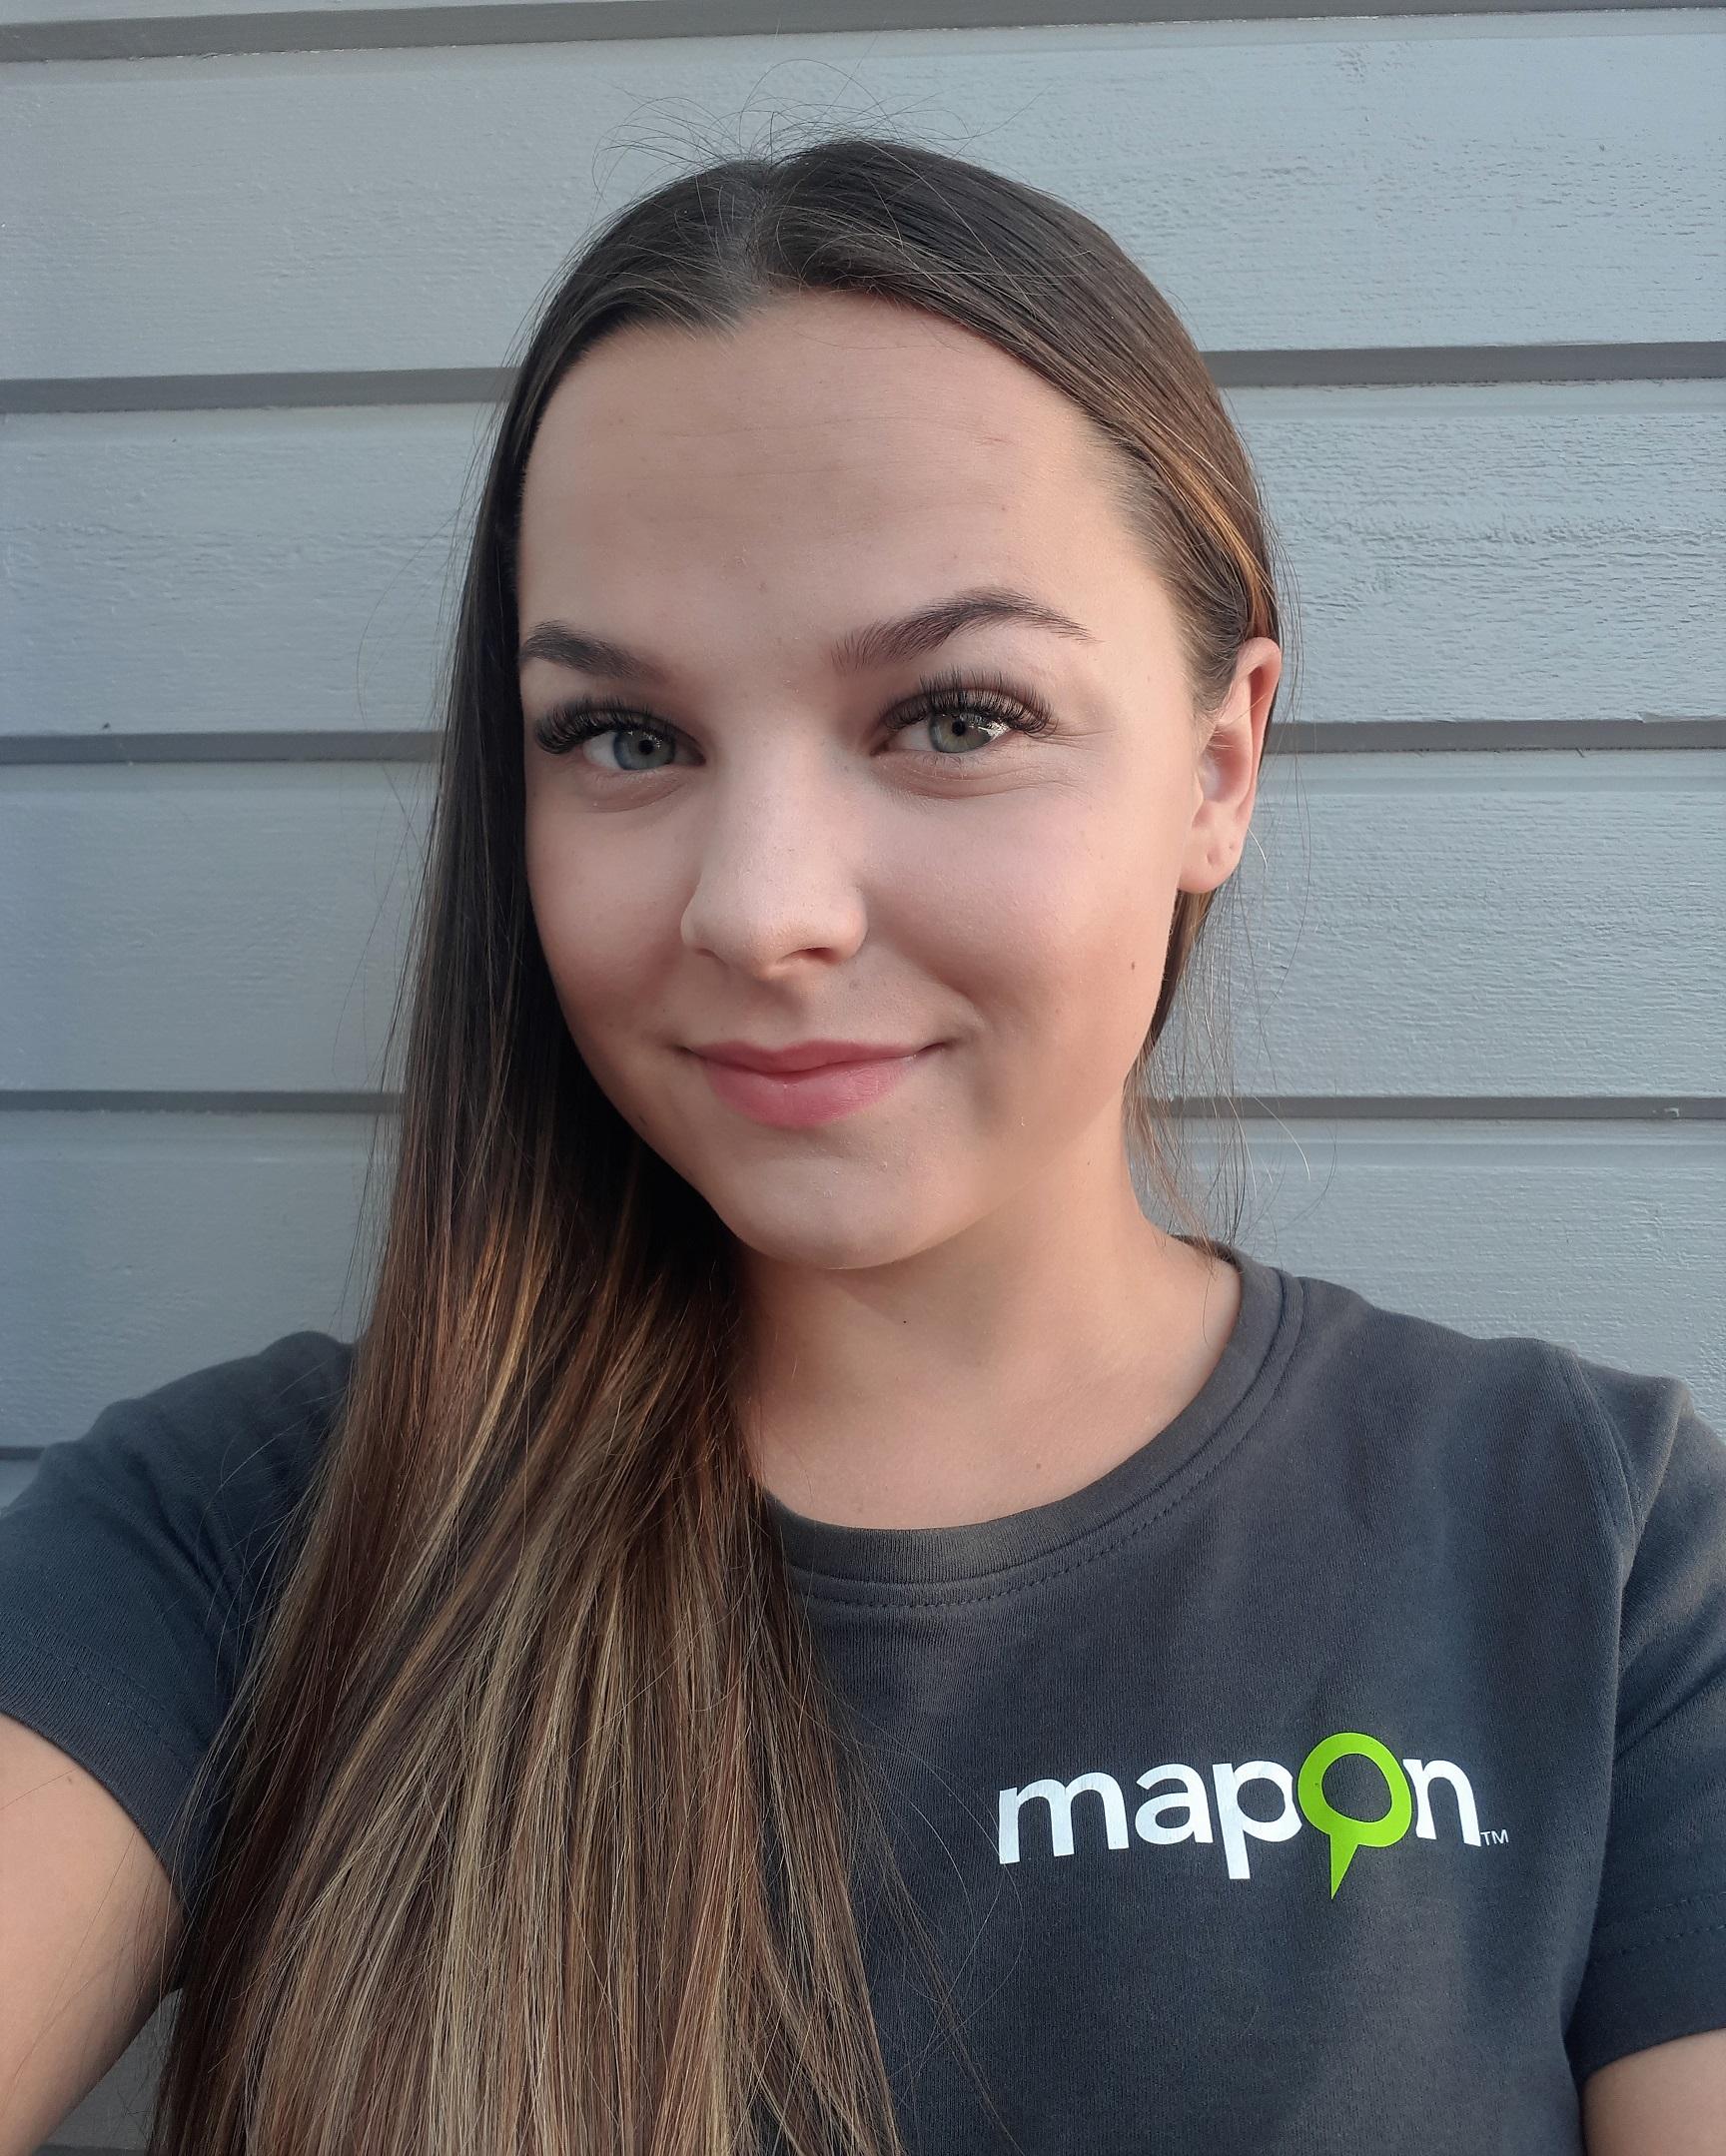 Mapon-kesäni – Mitä olen oppinut itsestäni?